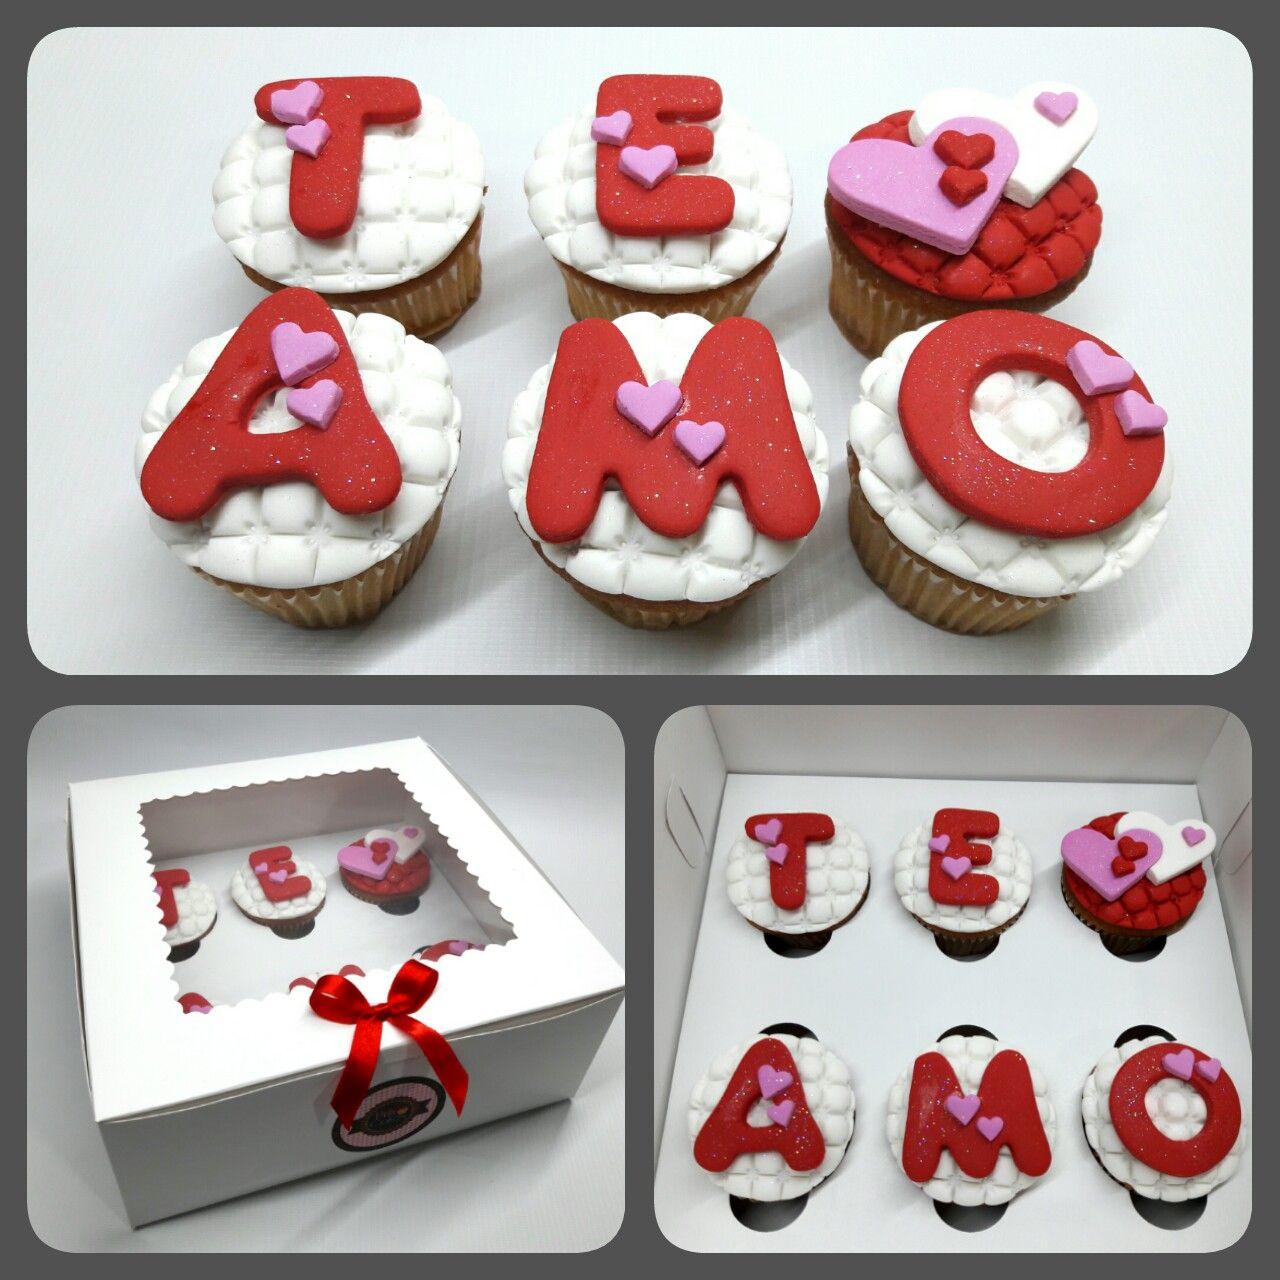 Cupcakes Box San Valentín ❤ #PrityCakes #pritycakes #cupcakes #cupcakebox #cupcakesencaja #detallesanvalentin #cupcakesdecorados #sanvalentin #corazon #love #diadelamorylaamistad #panama #pastrypanama #panamacupcakes #pty507